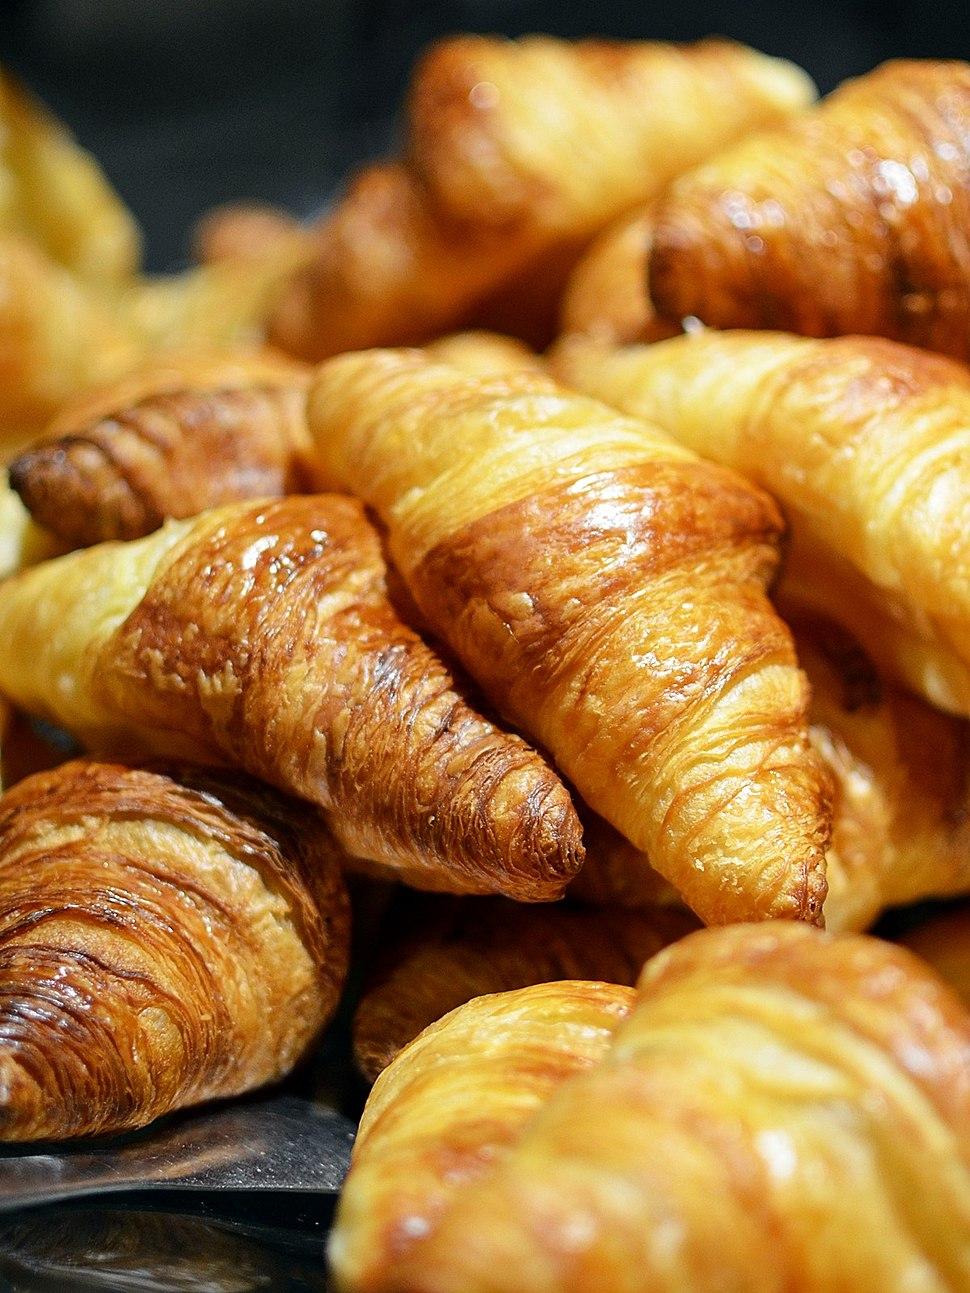 Croissants au beurre (18953292873)